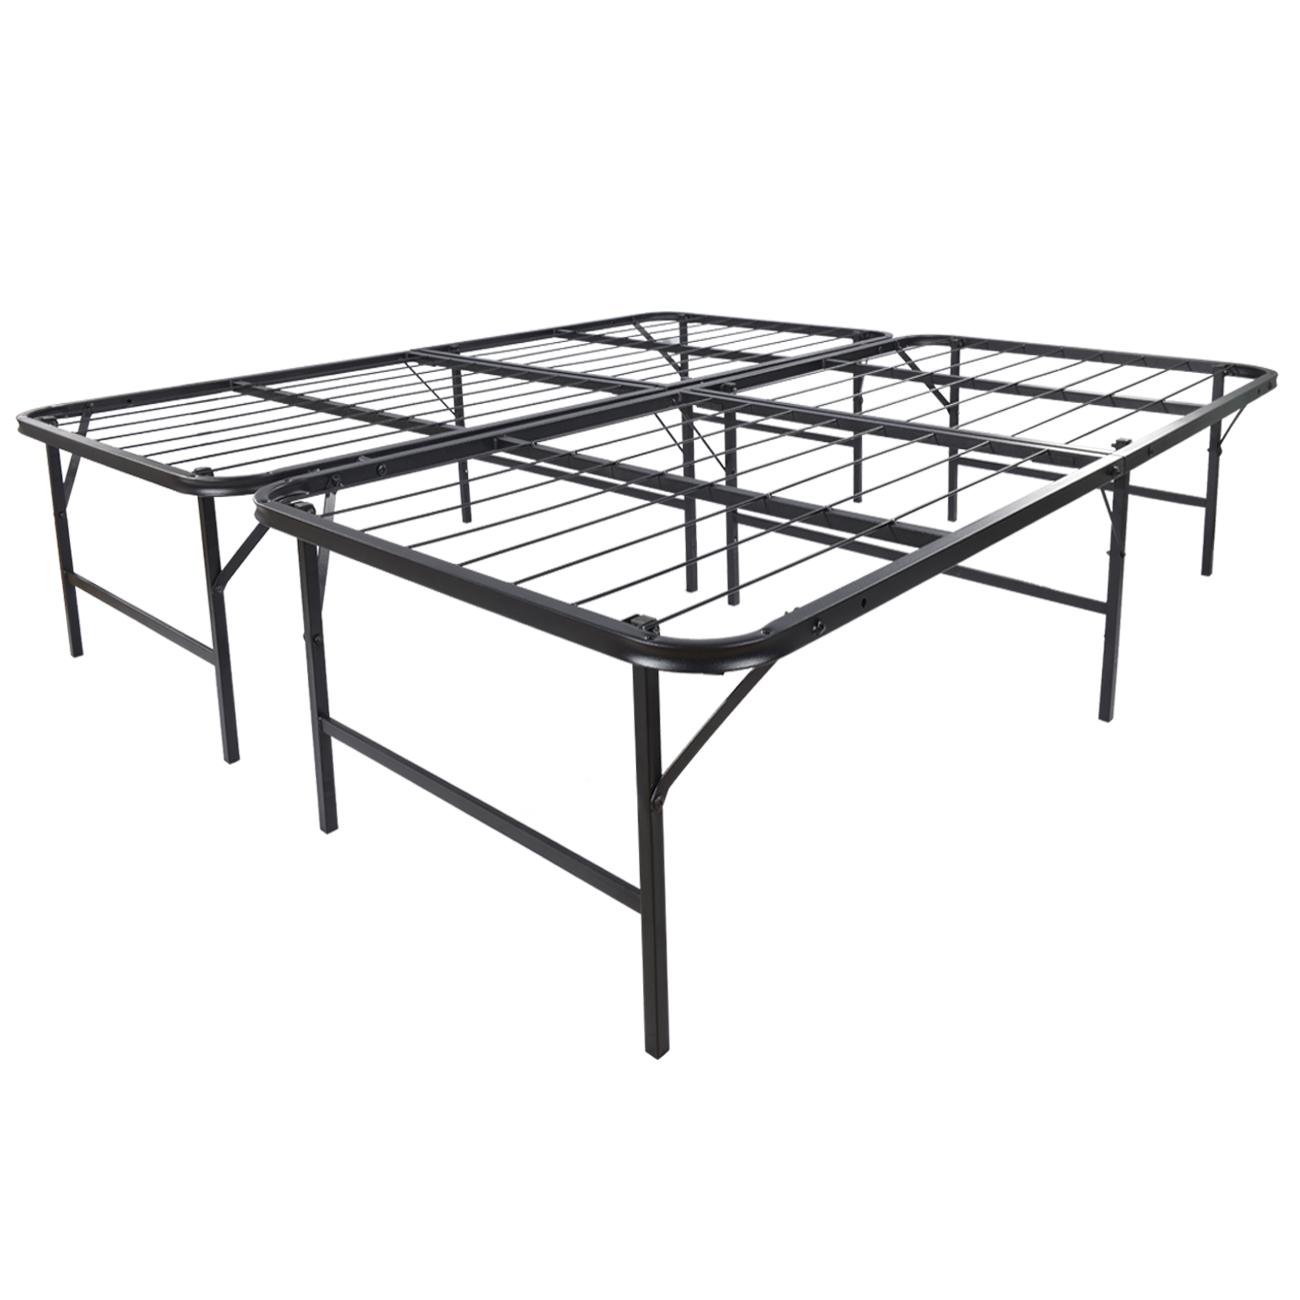 Platform Bed Frame King Mattress Foundation Foldable